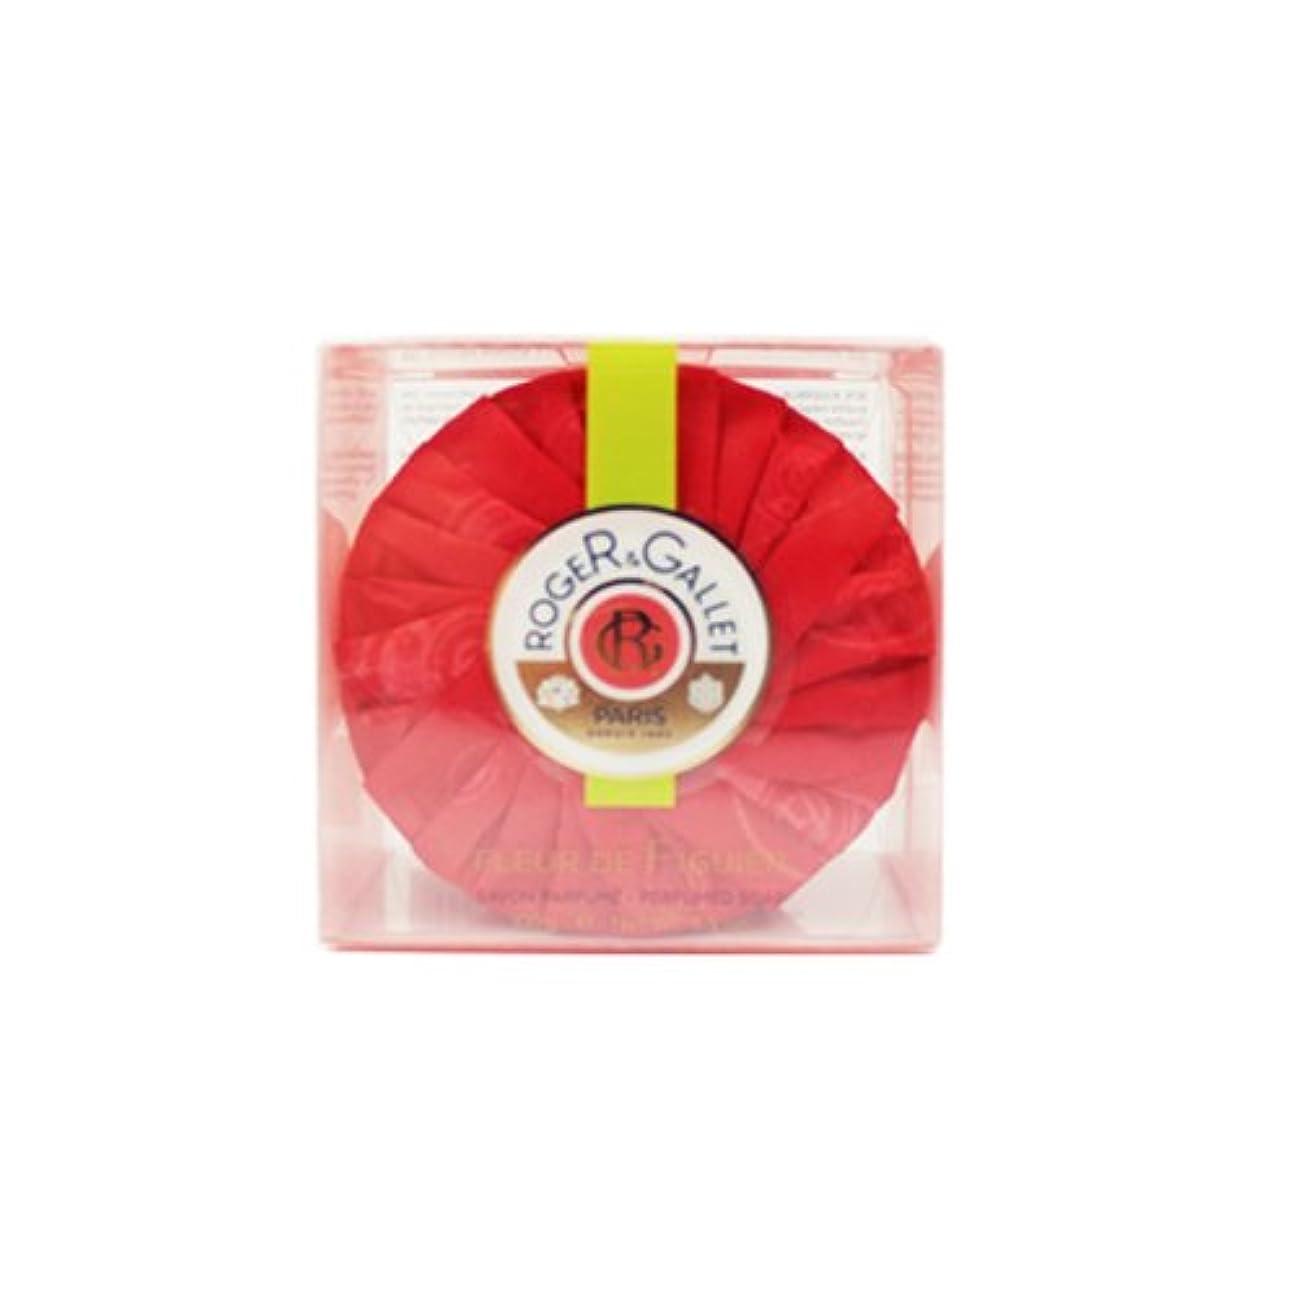 ロジェガレ フィグパフューム ソープ (香水石鹸) 100g ROGER & GALLET Fleur de Figuier soap [並行輸入品]